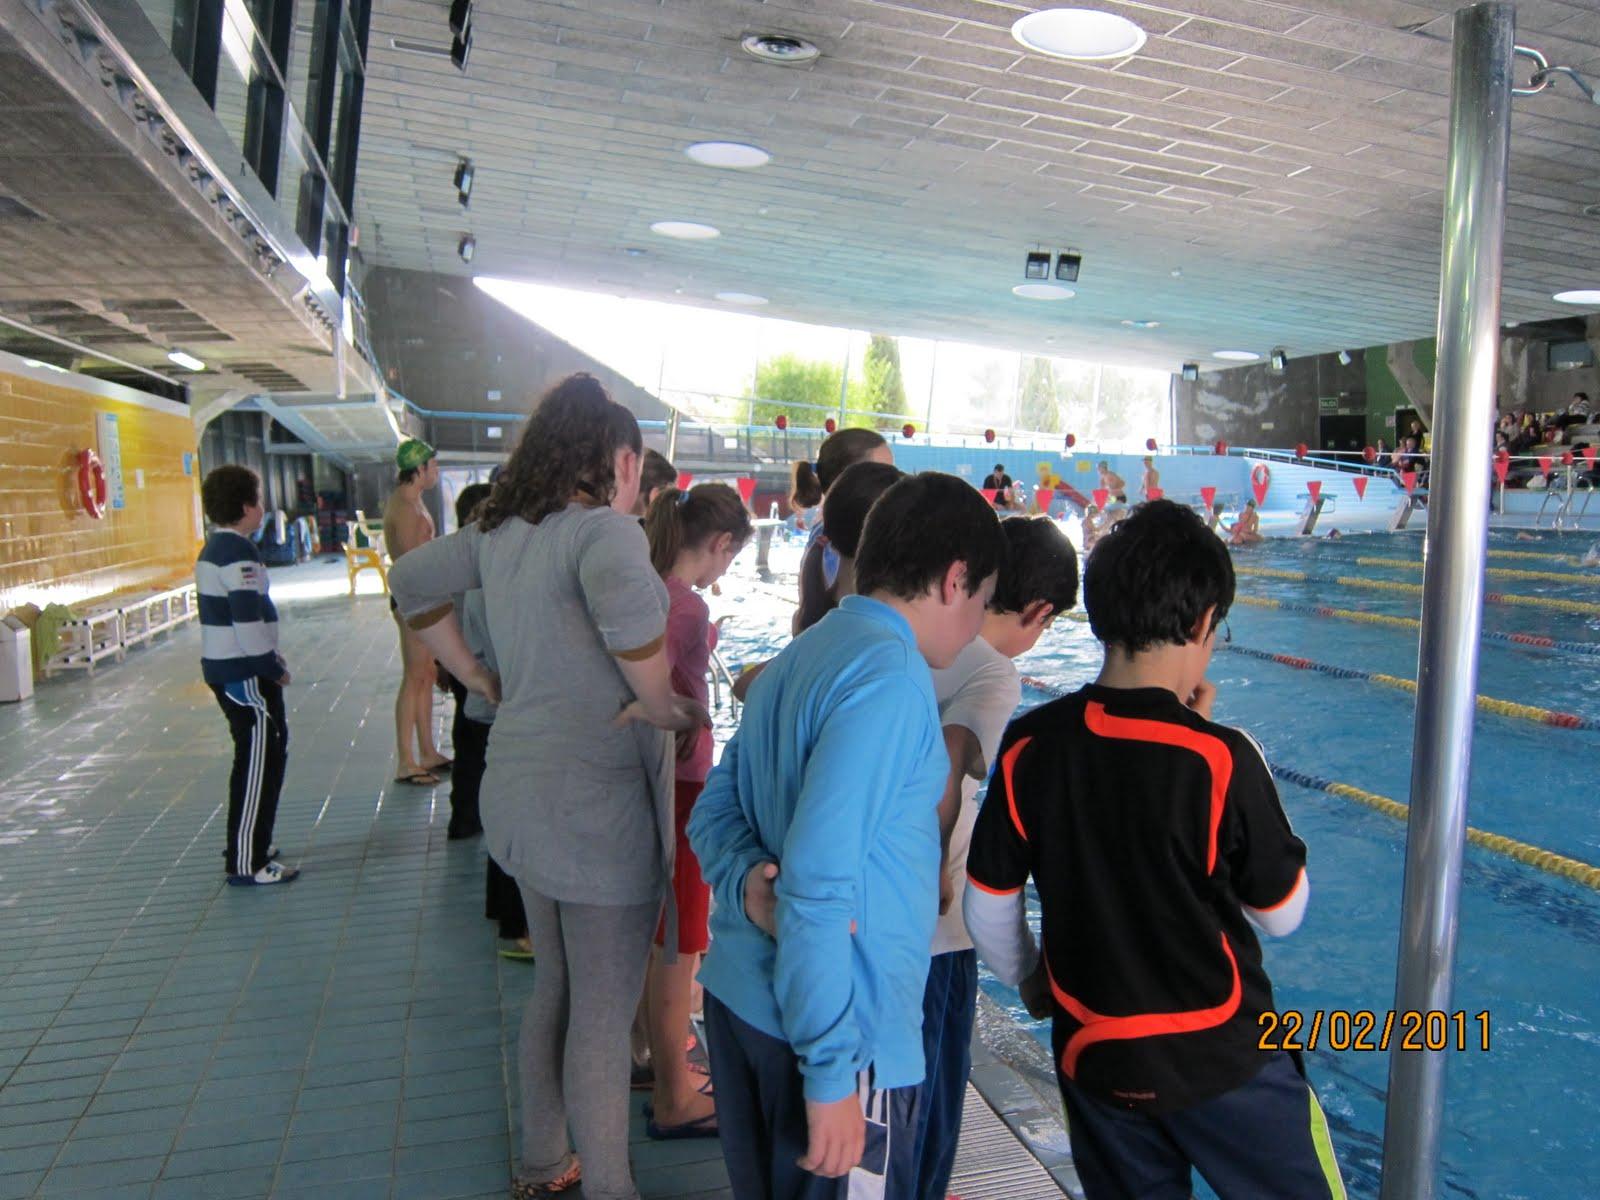 Proa visita piscina climatizada tomelloso for Piscinas tomelloso